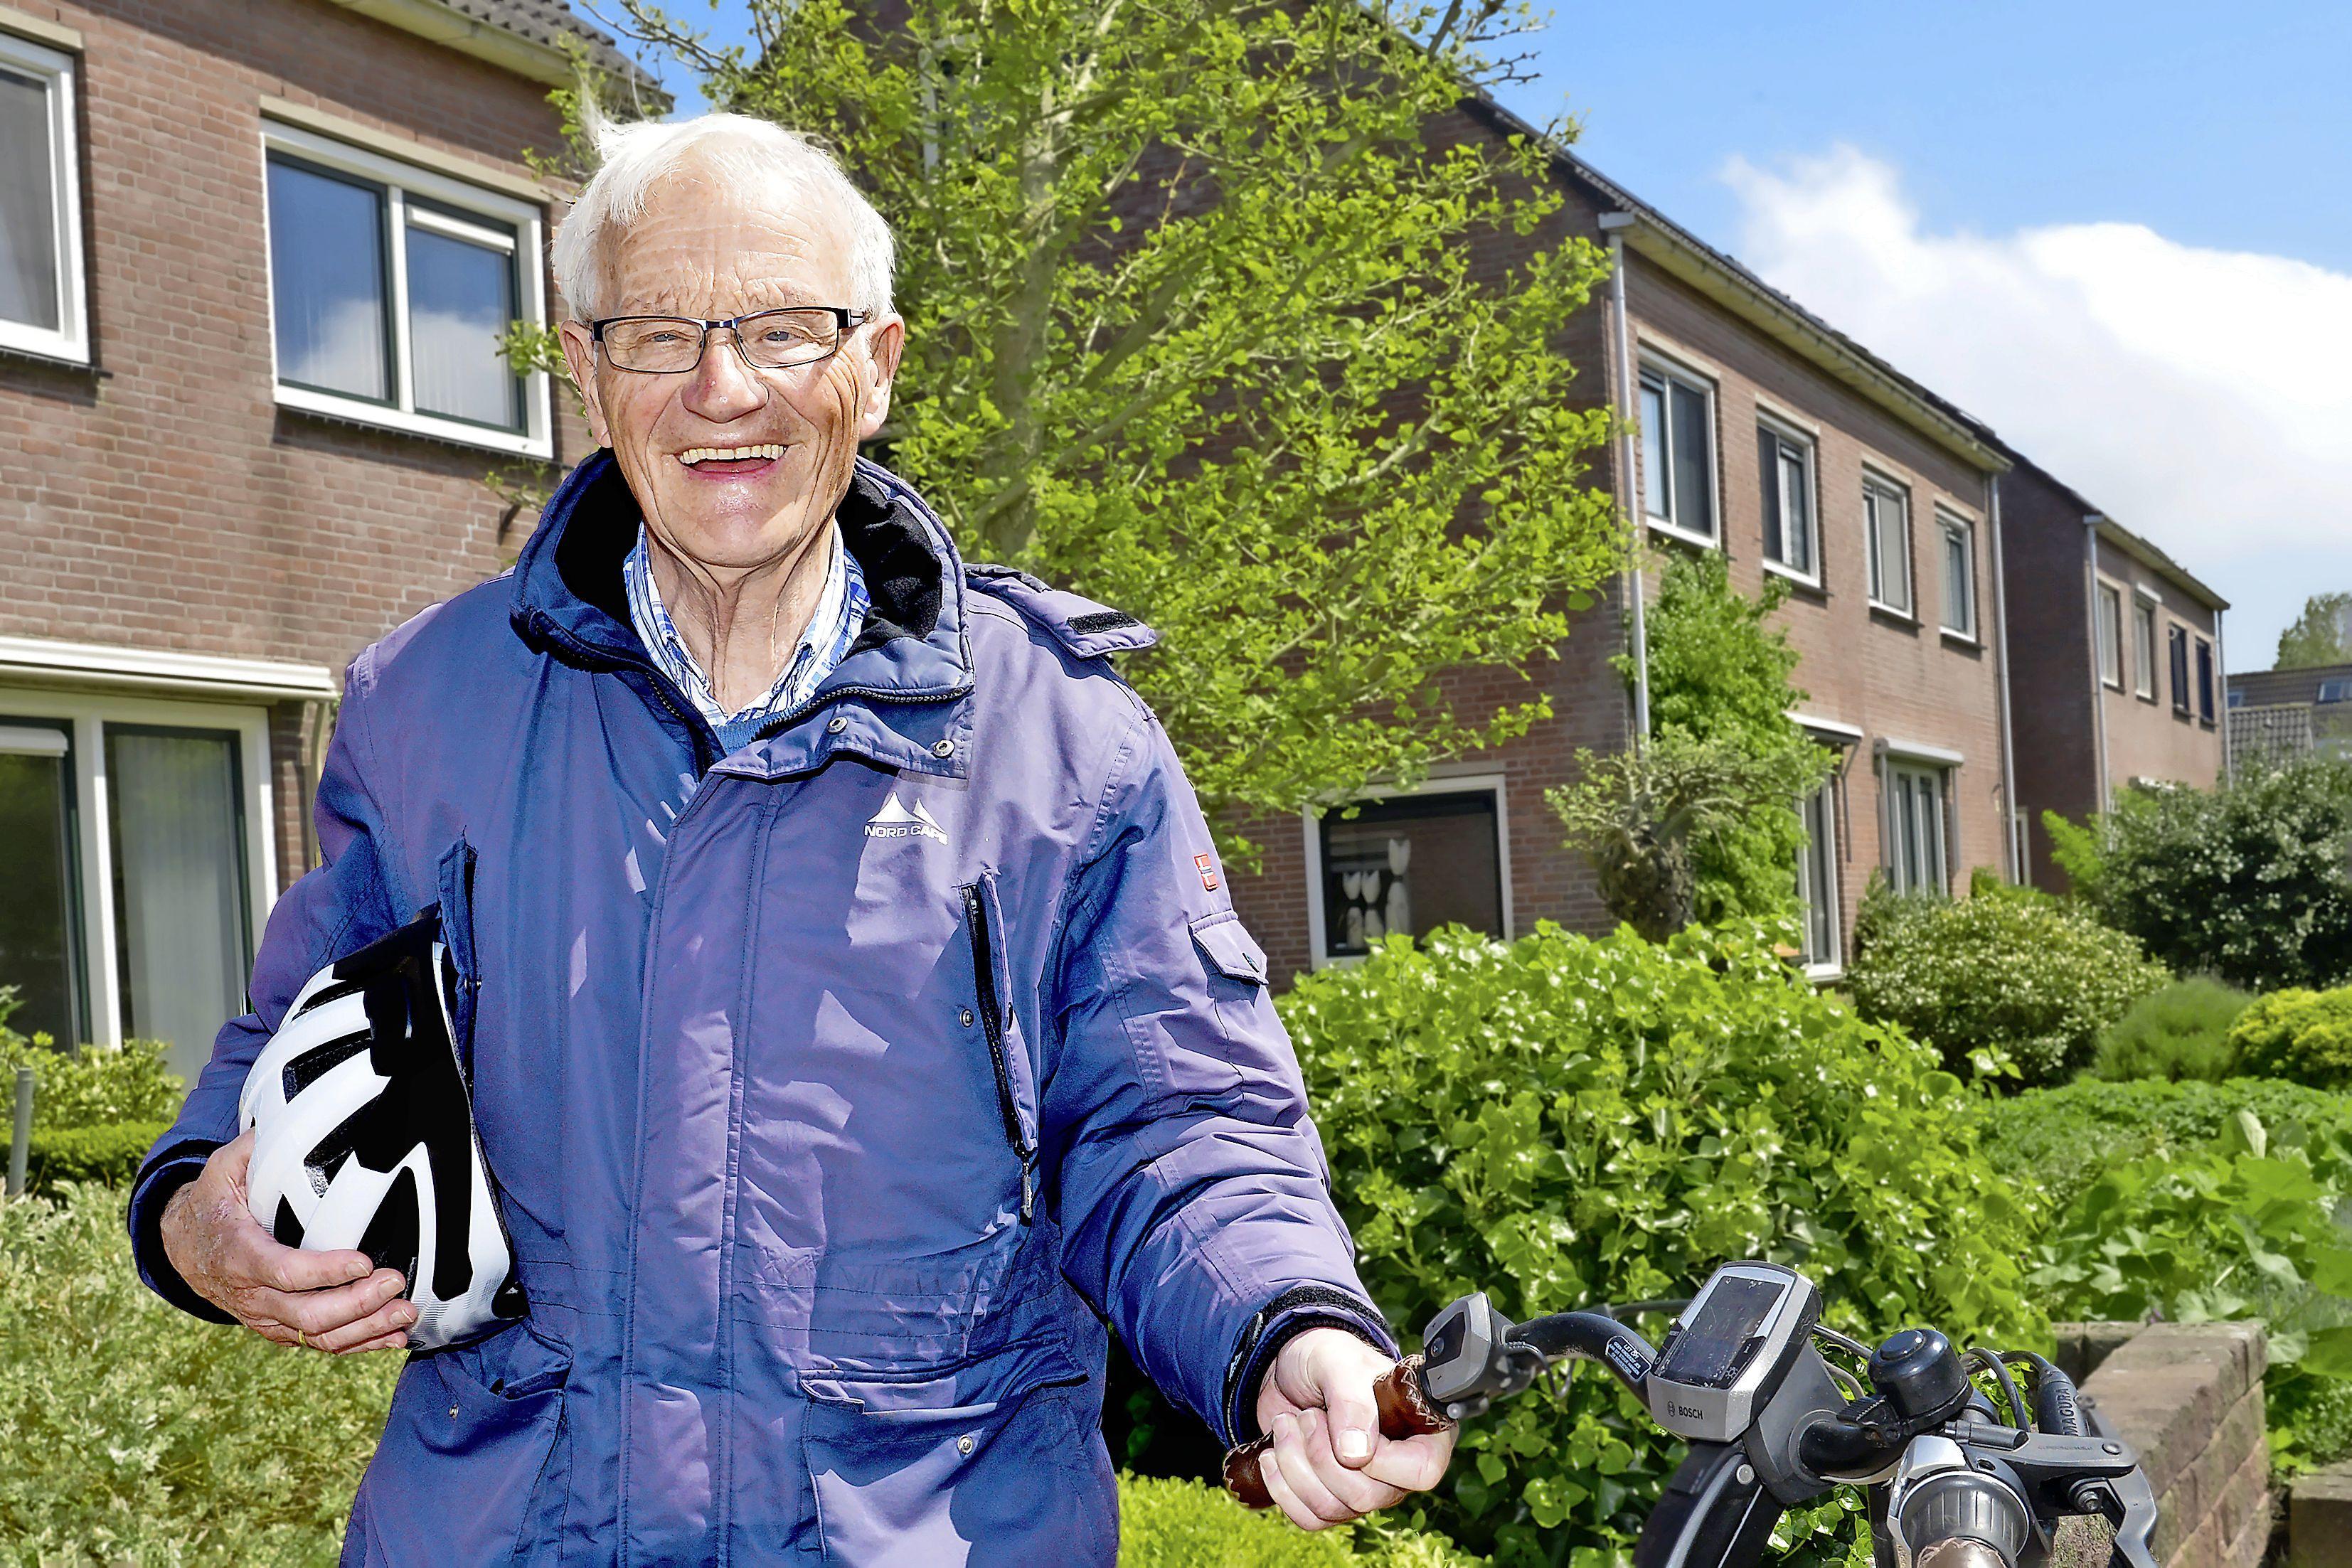 'Die fietshelm heeft je leven gered', zei de verpleegkundige. Maar een helm op en een spiegeltje op je fiets... Dat is voor veel ouderen nog wel een dingetje